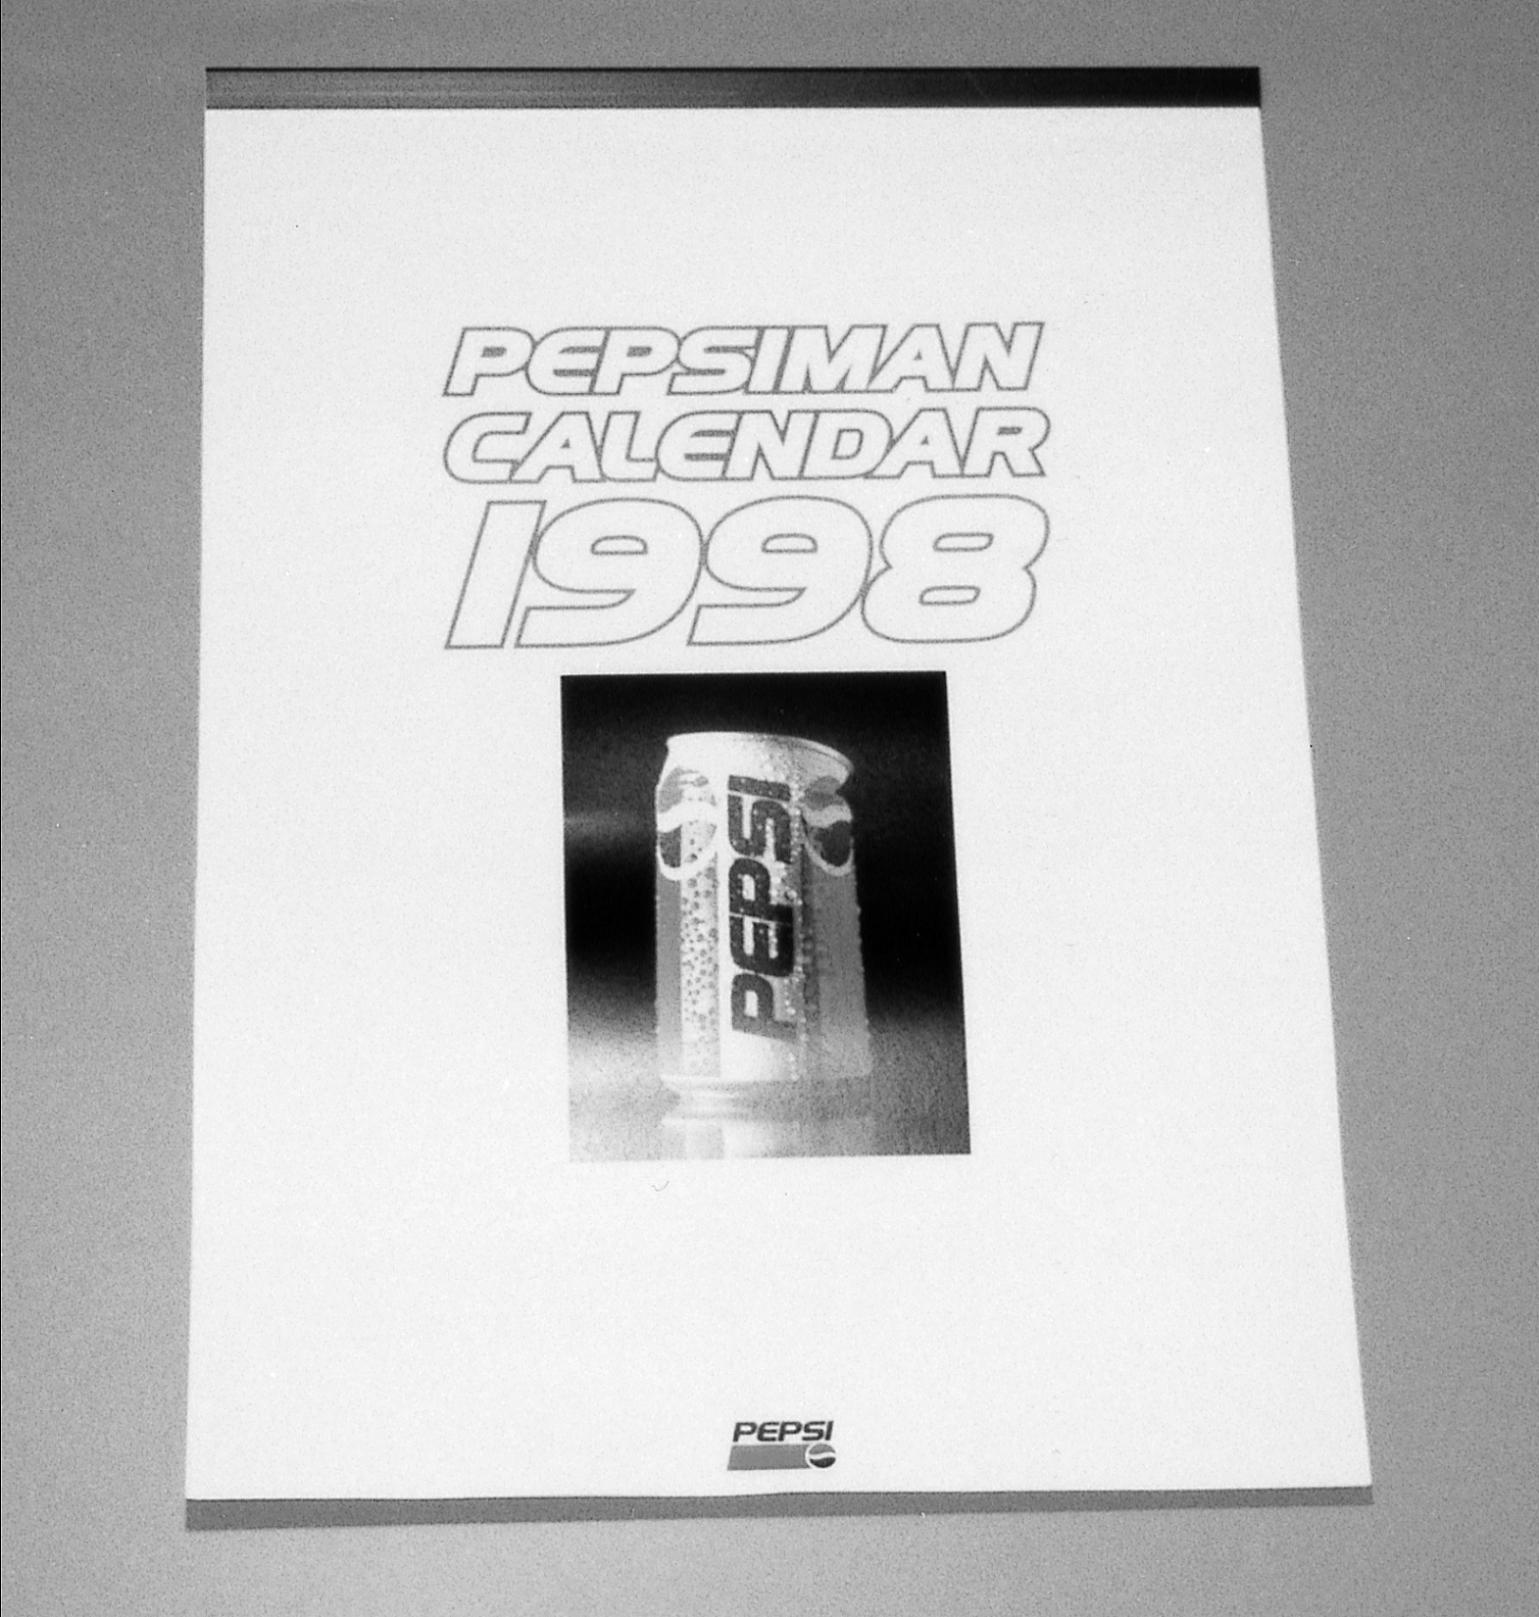 日本ペプシコーラ社の今年のカレンダー。ここでも「ペプシマン」は大活躍